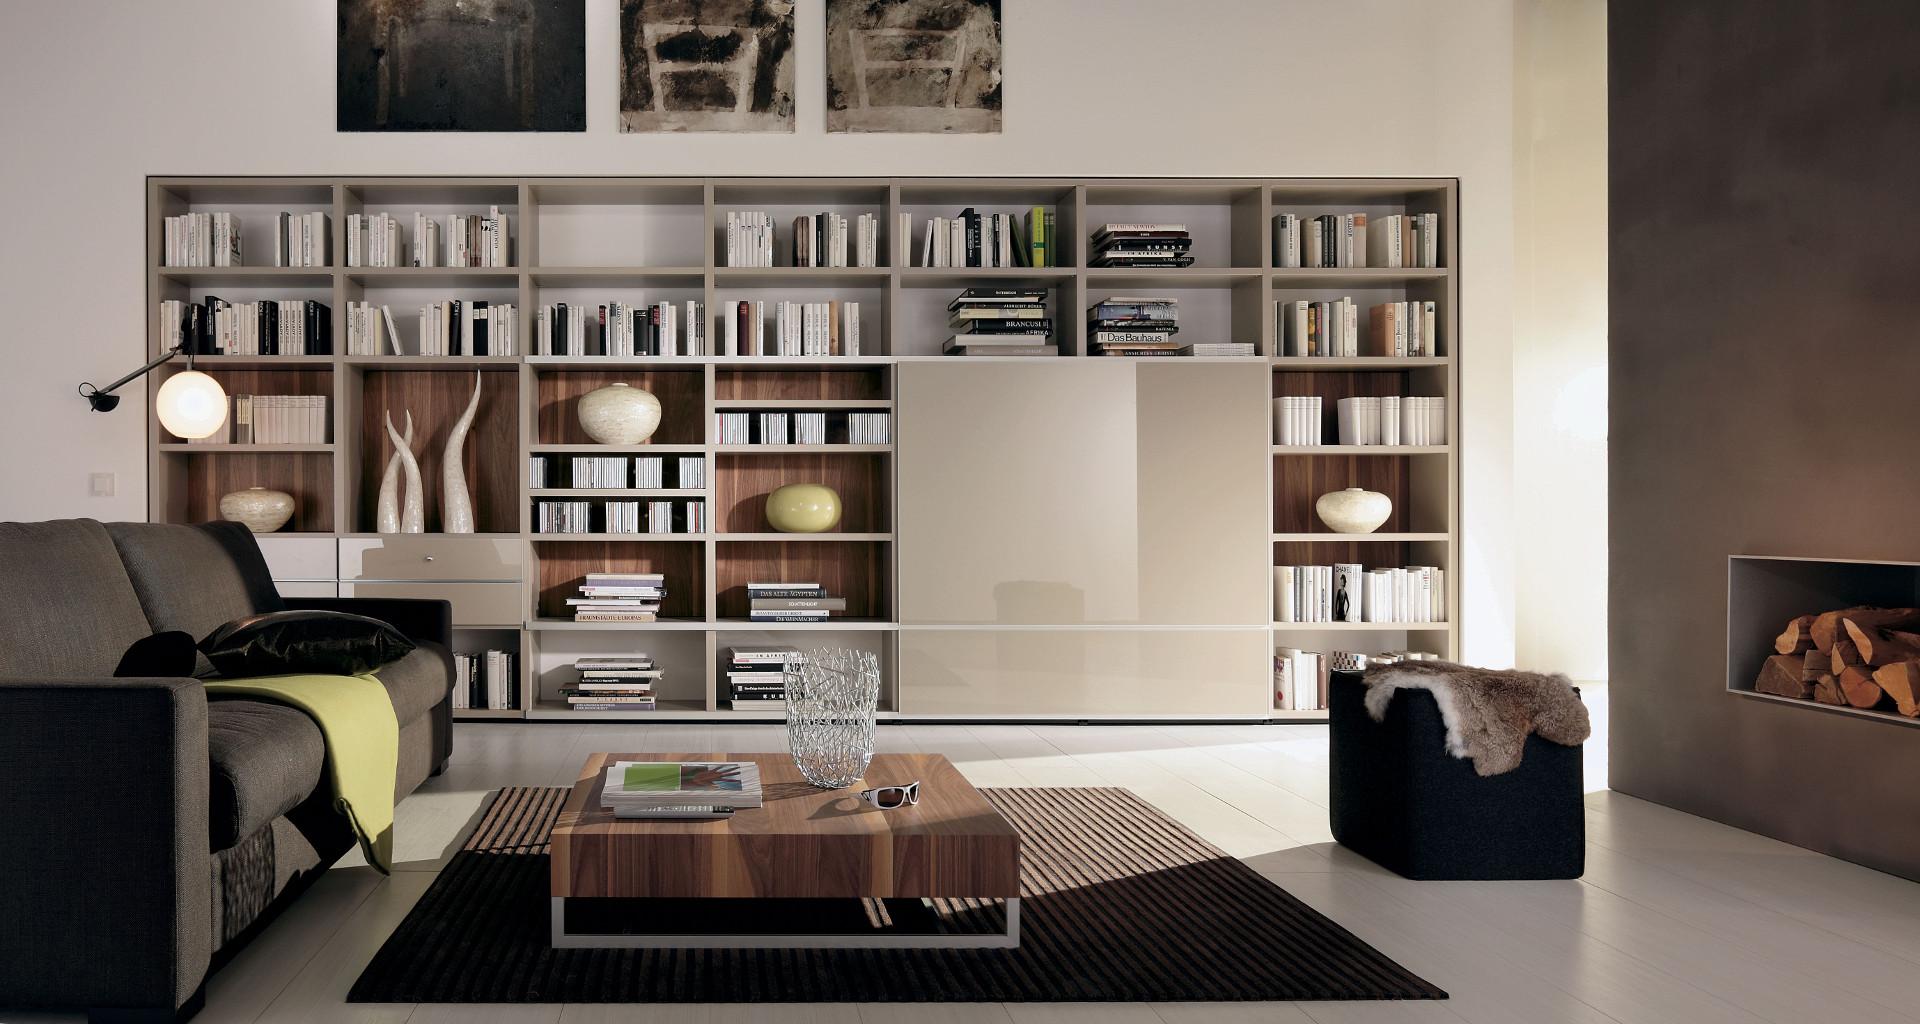 Woondecoratie maakt het interieur compleet